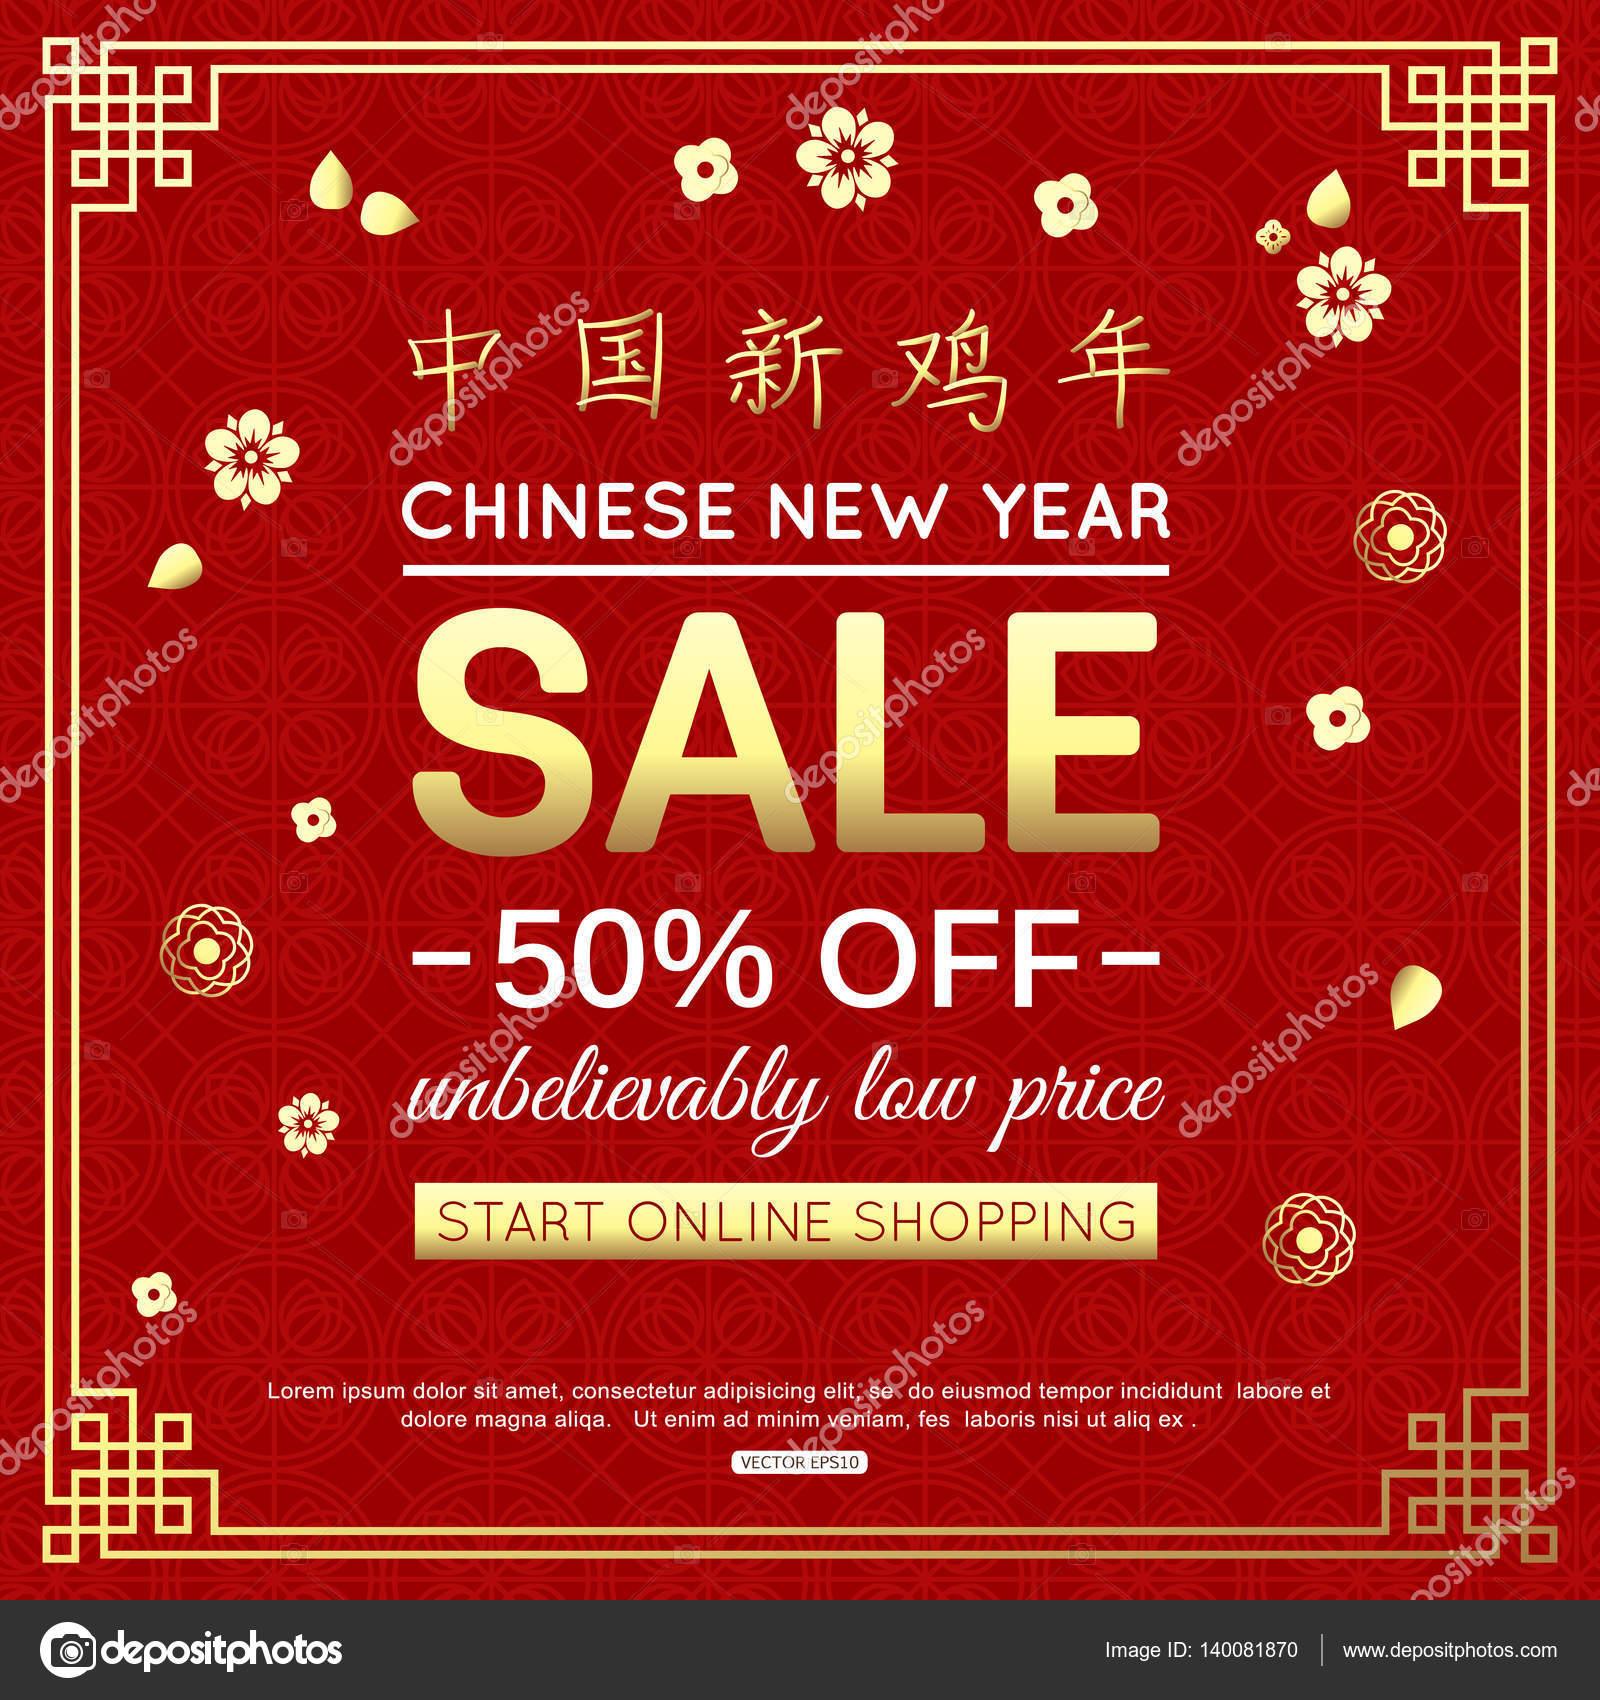 Ano novo chinês design venda de bandeira em fundo vermelho. Ilustração em  vetor. Tradução de hieróglifo  ano novo chinês do galo– ilustração de stock 4c2a39f6373